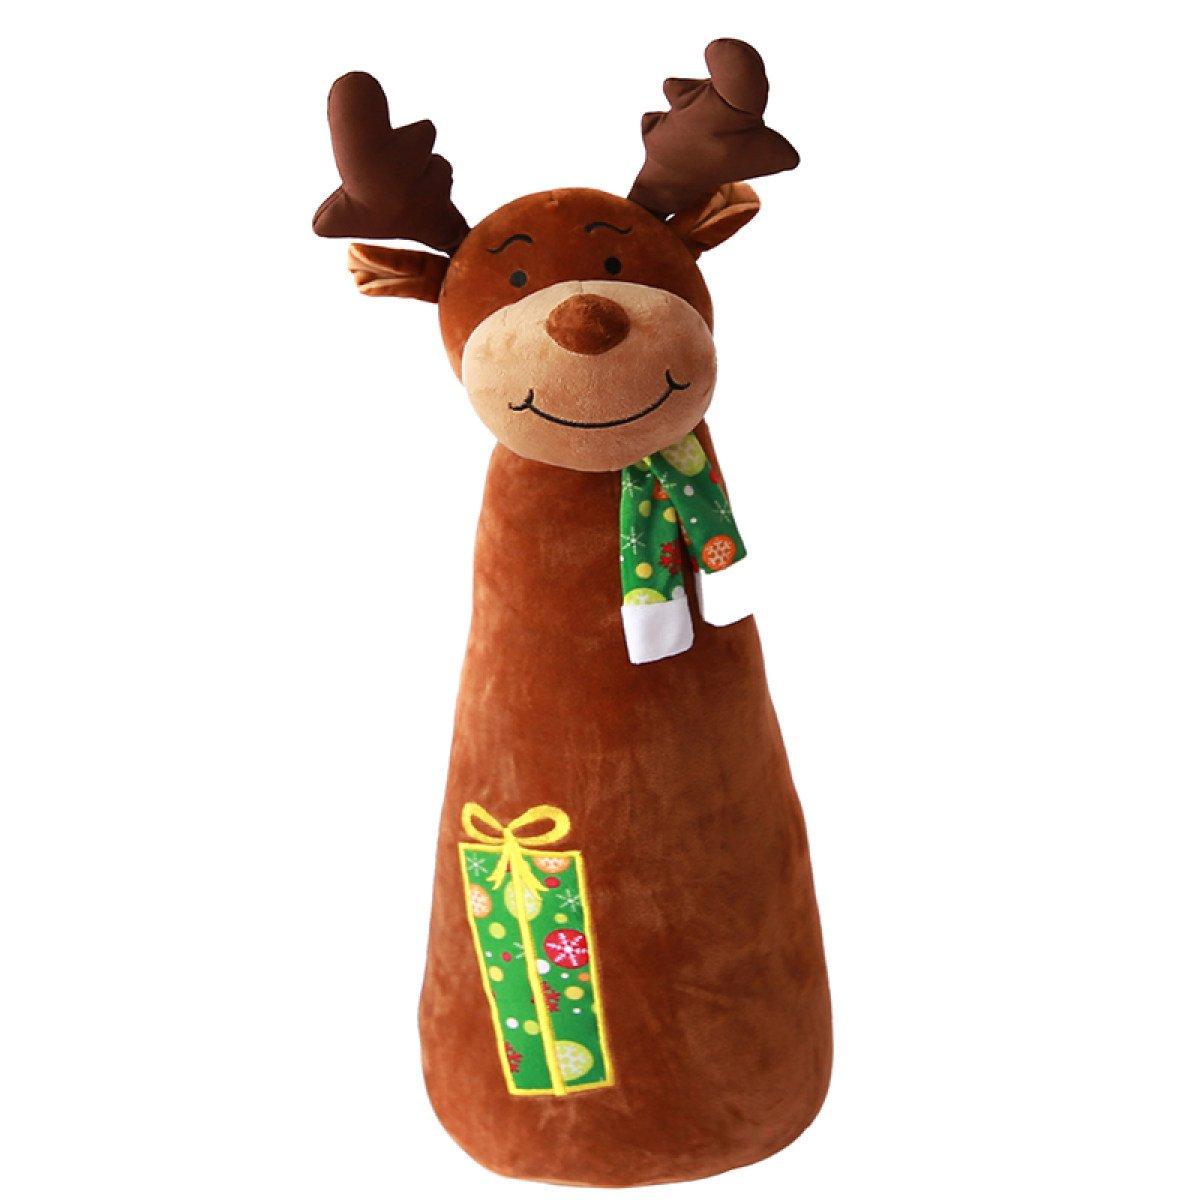 GAOQIANG Weihnachtsgeschenk Geschenke Weihnachtsmann Puppe Weihnachtsbaum Freundin Mädchen Kreative Kreative Kreative Elk Puppe,圣诞树120cm bf2243